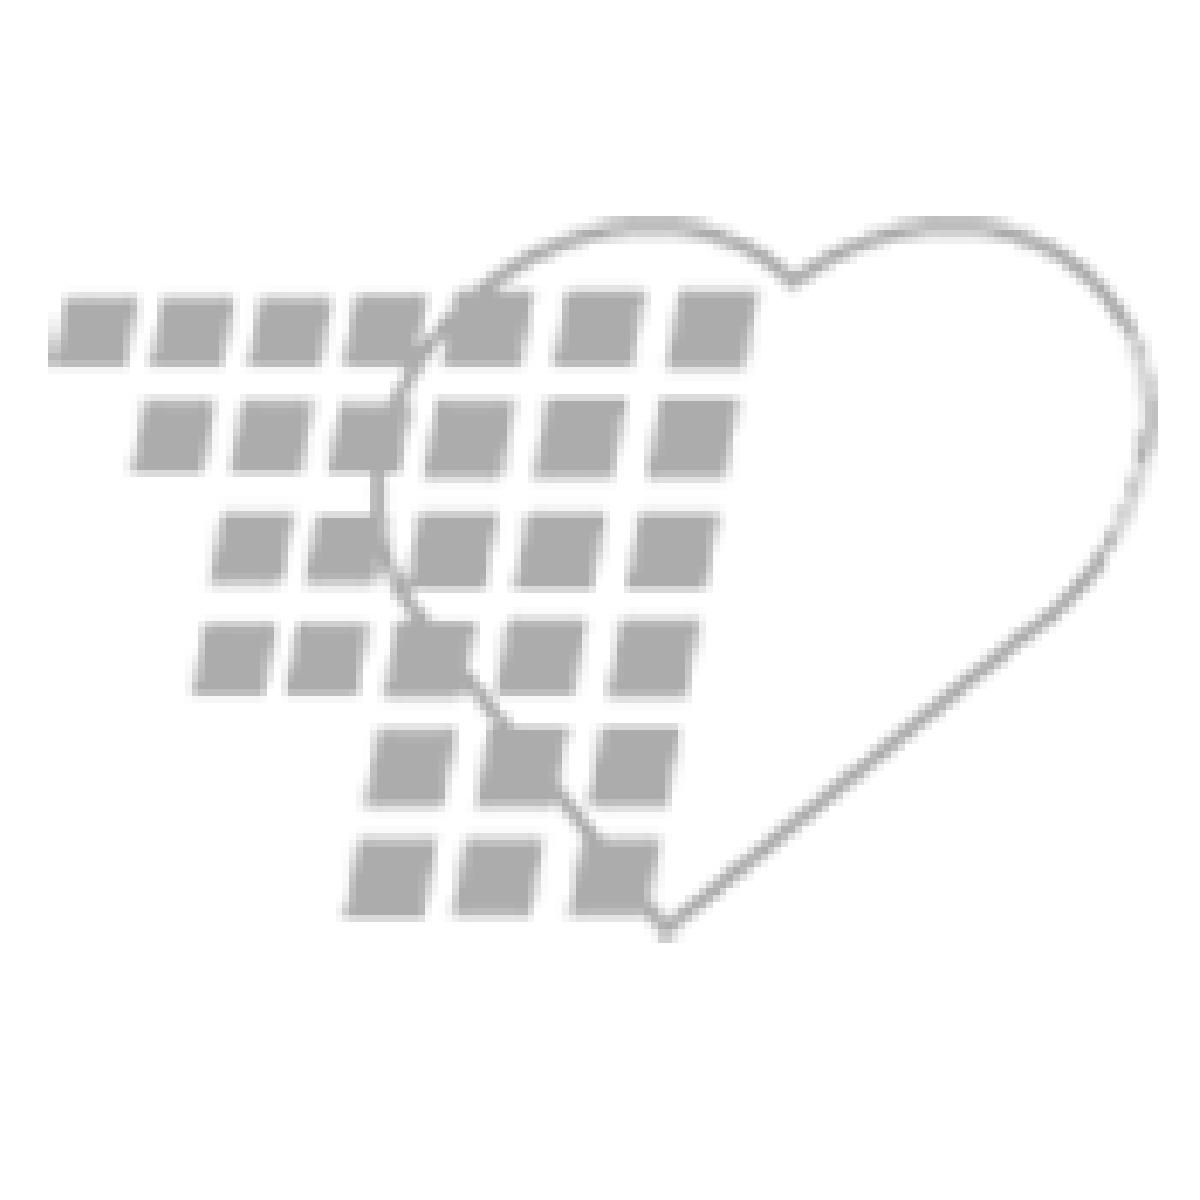 11-81-1037 Nasco Life/form® Hemodialysis Practice Arm